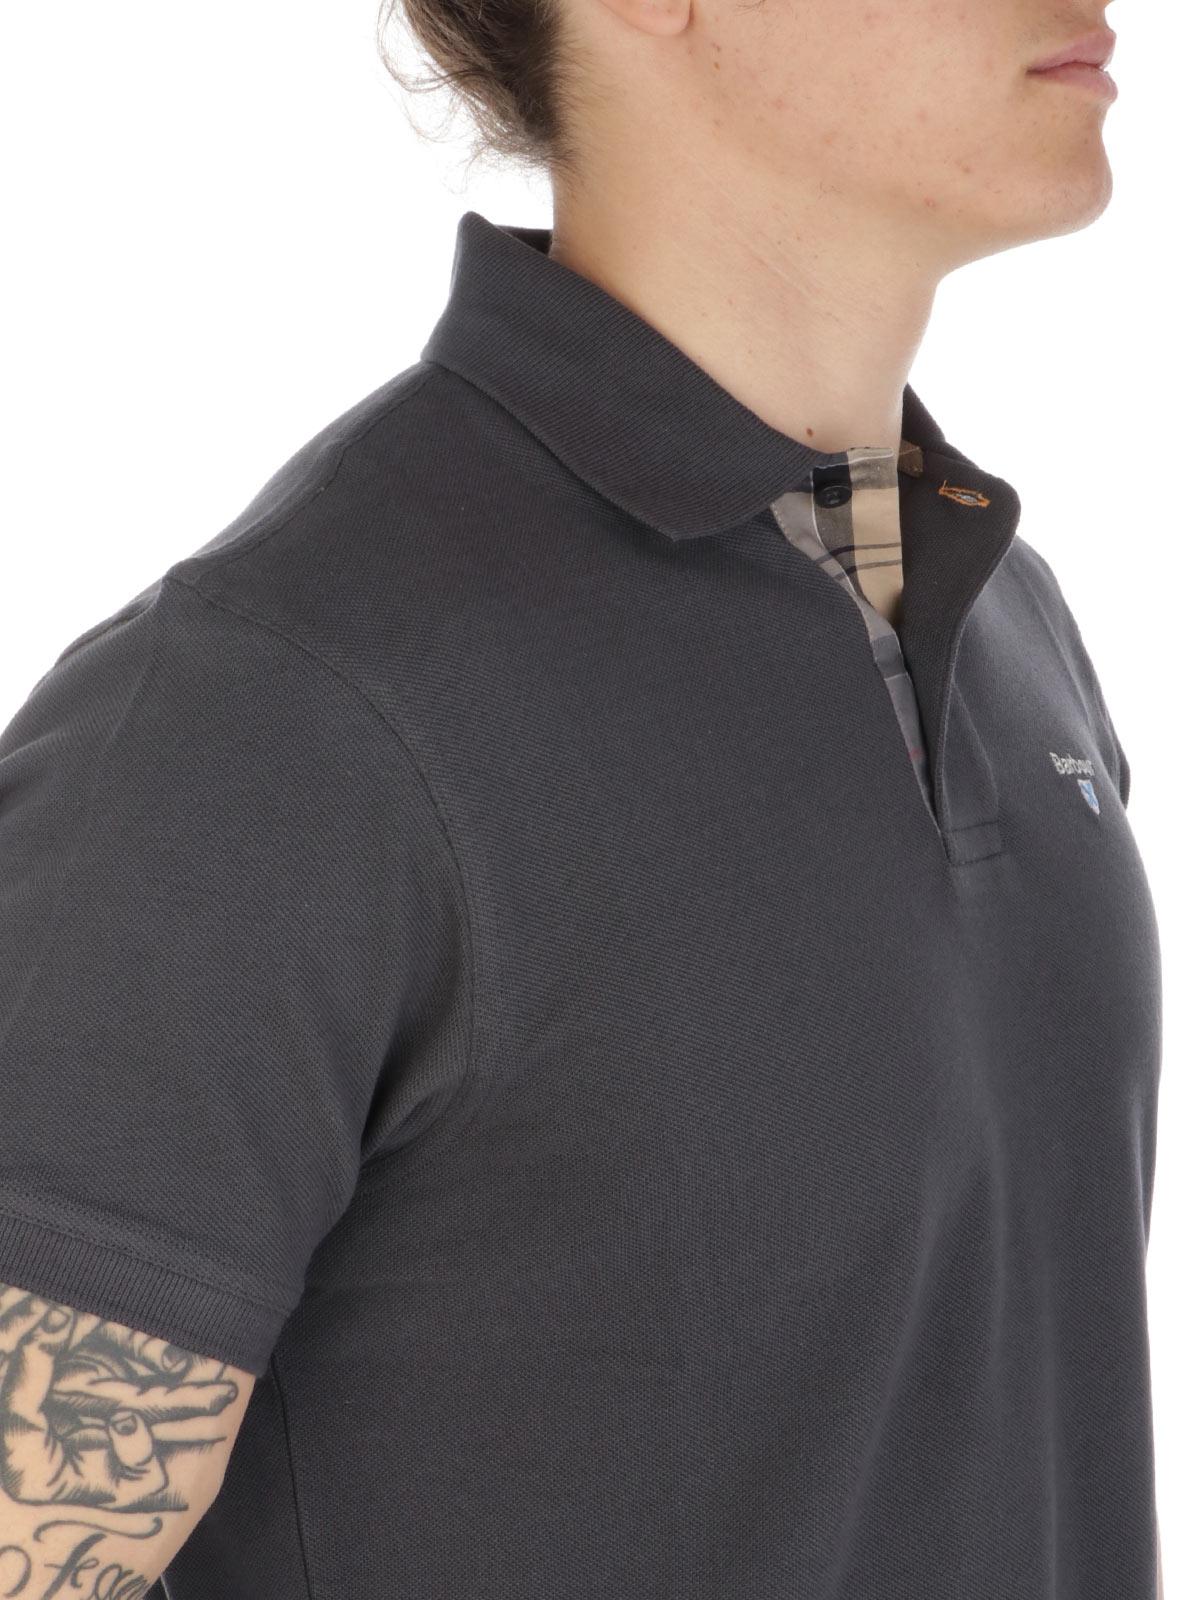 Picture of BARBOUR | Men's Piquè Polo Shirt